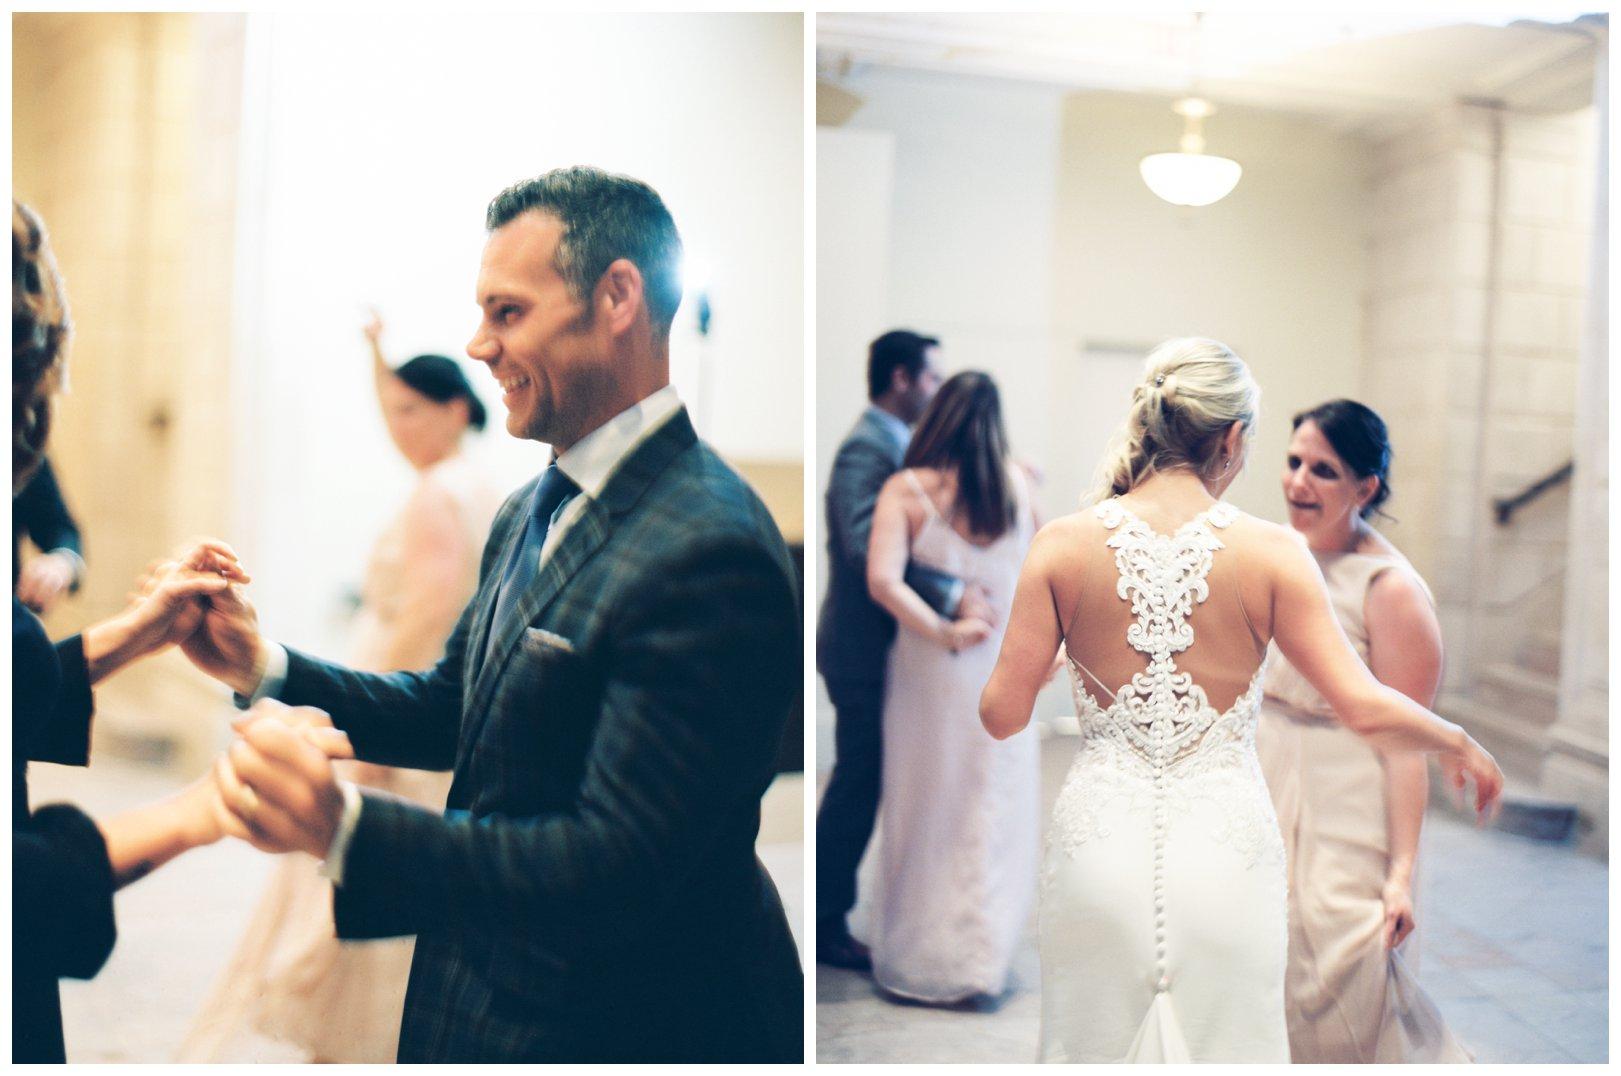 lauren muckler photography_fine art film wedding photography_st louis_photography_2459.jpg